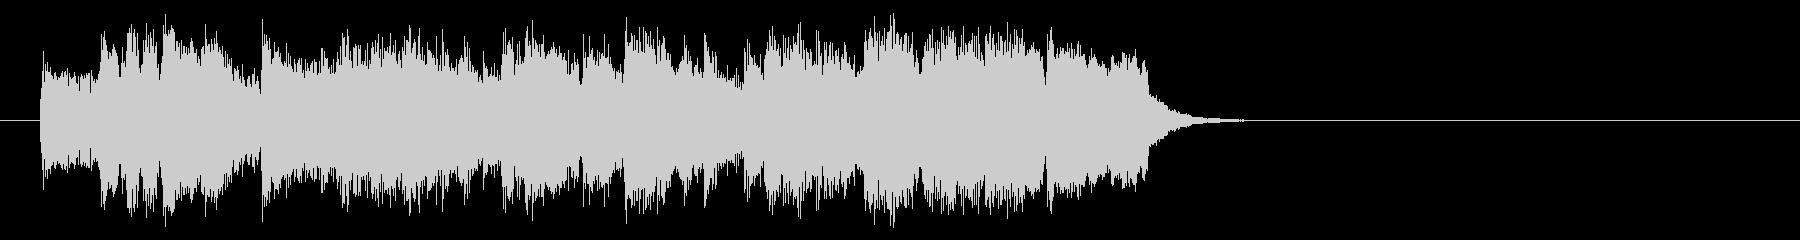 懐かしの歌謡ジャズ風楽曲(サビ)の未再生の波形